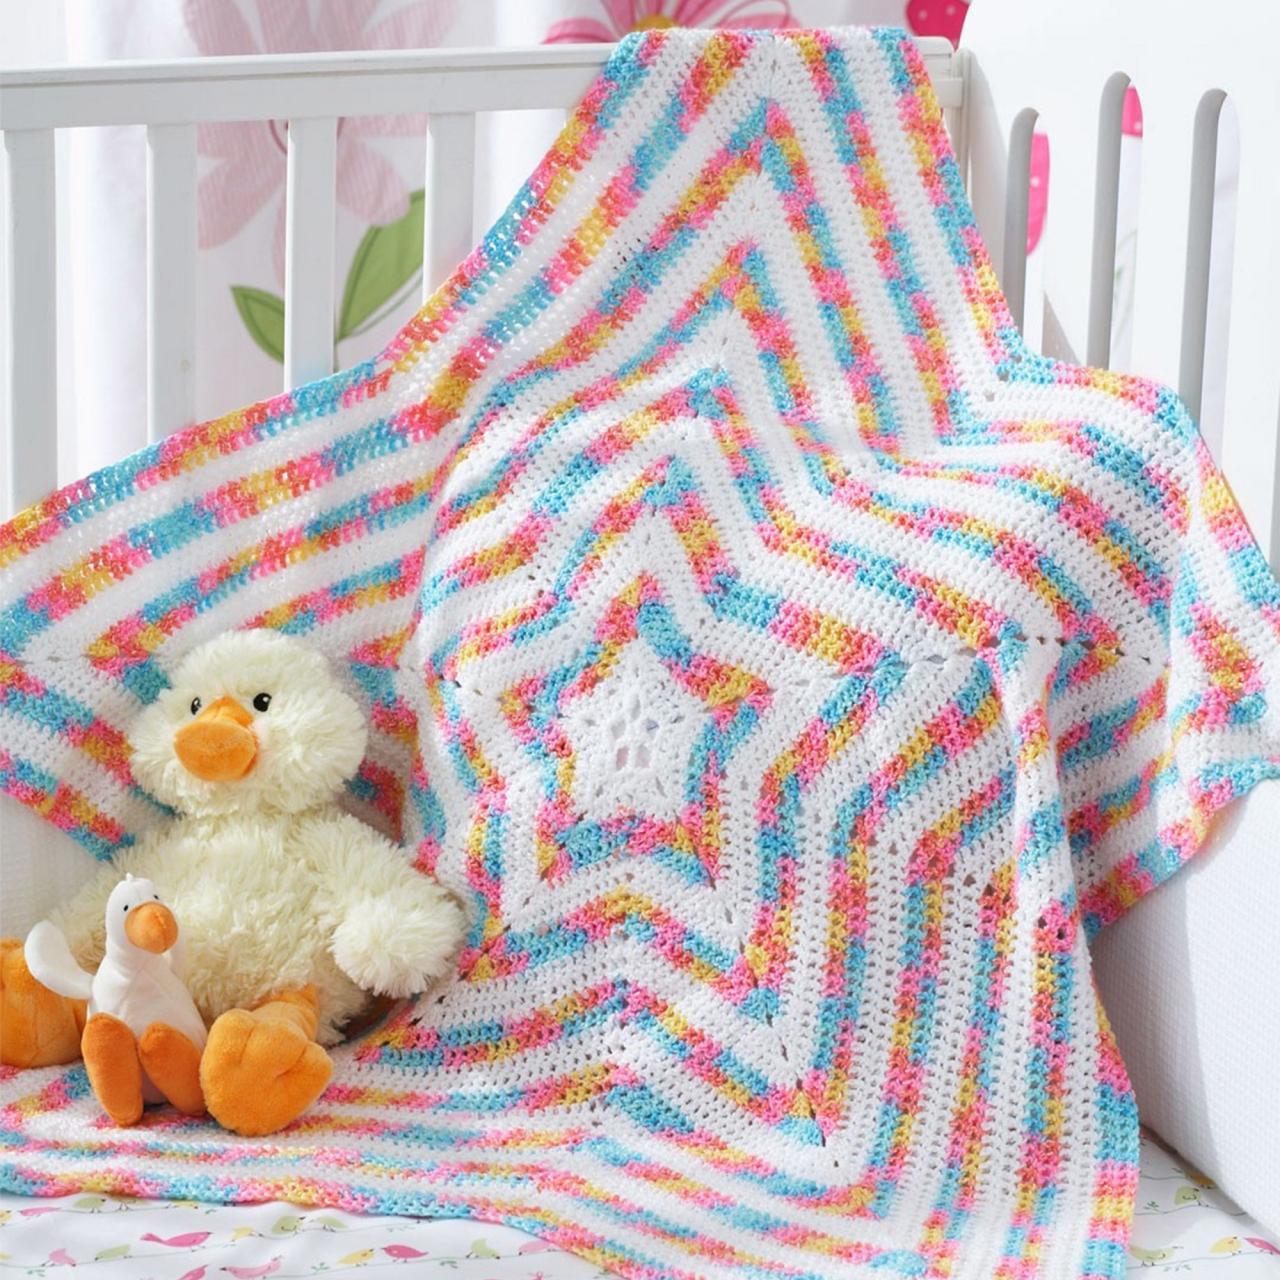 صورة بطانية بيبي كروشيه , ملابس اطفال بالكروشيه